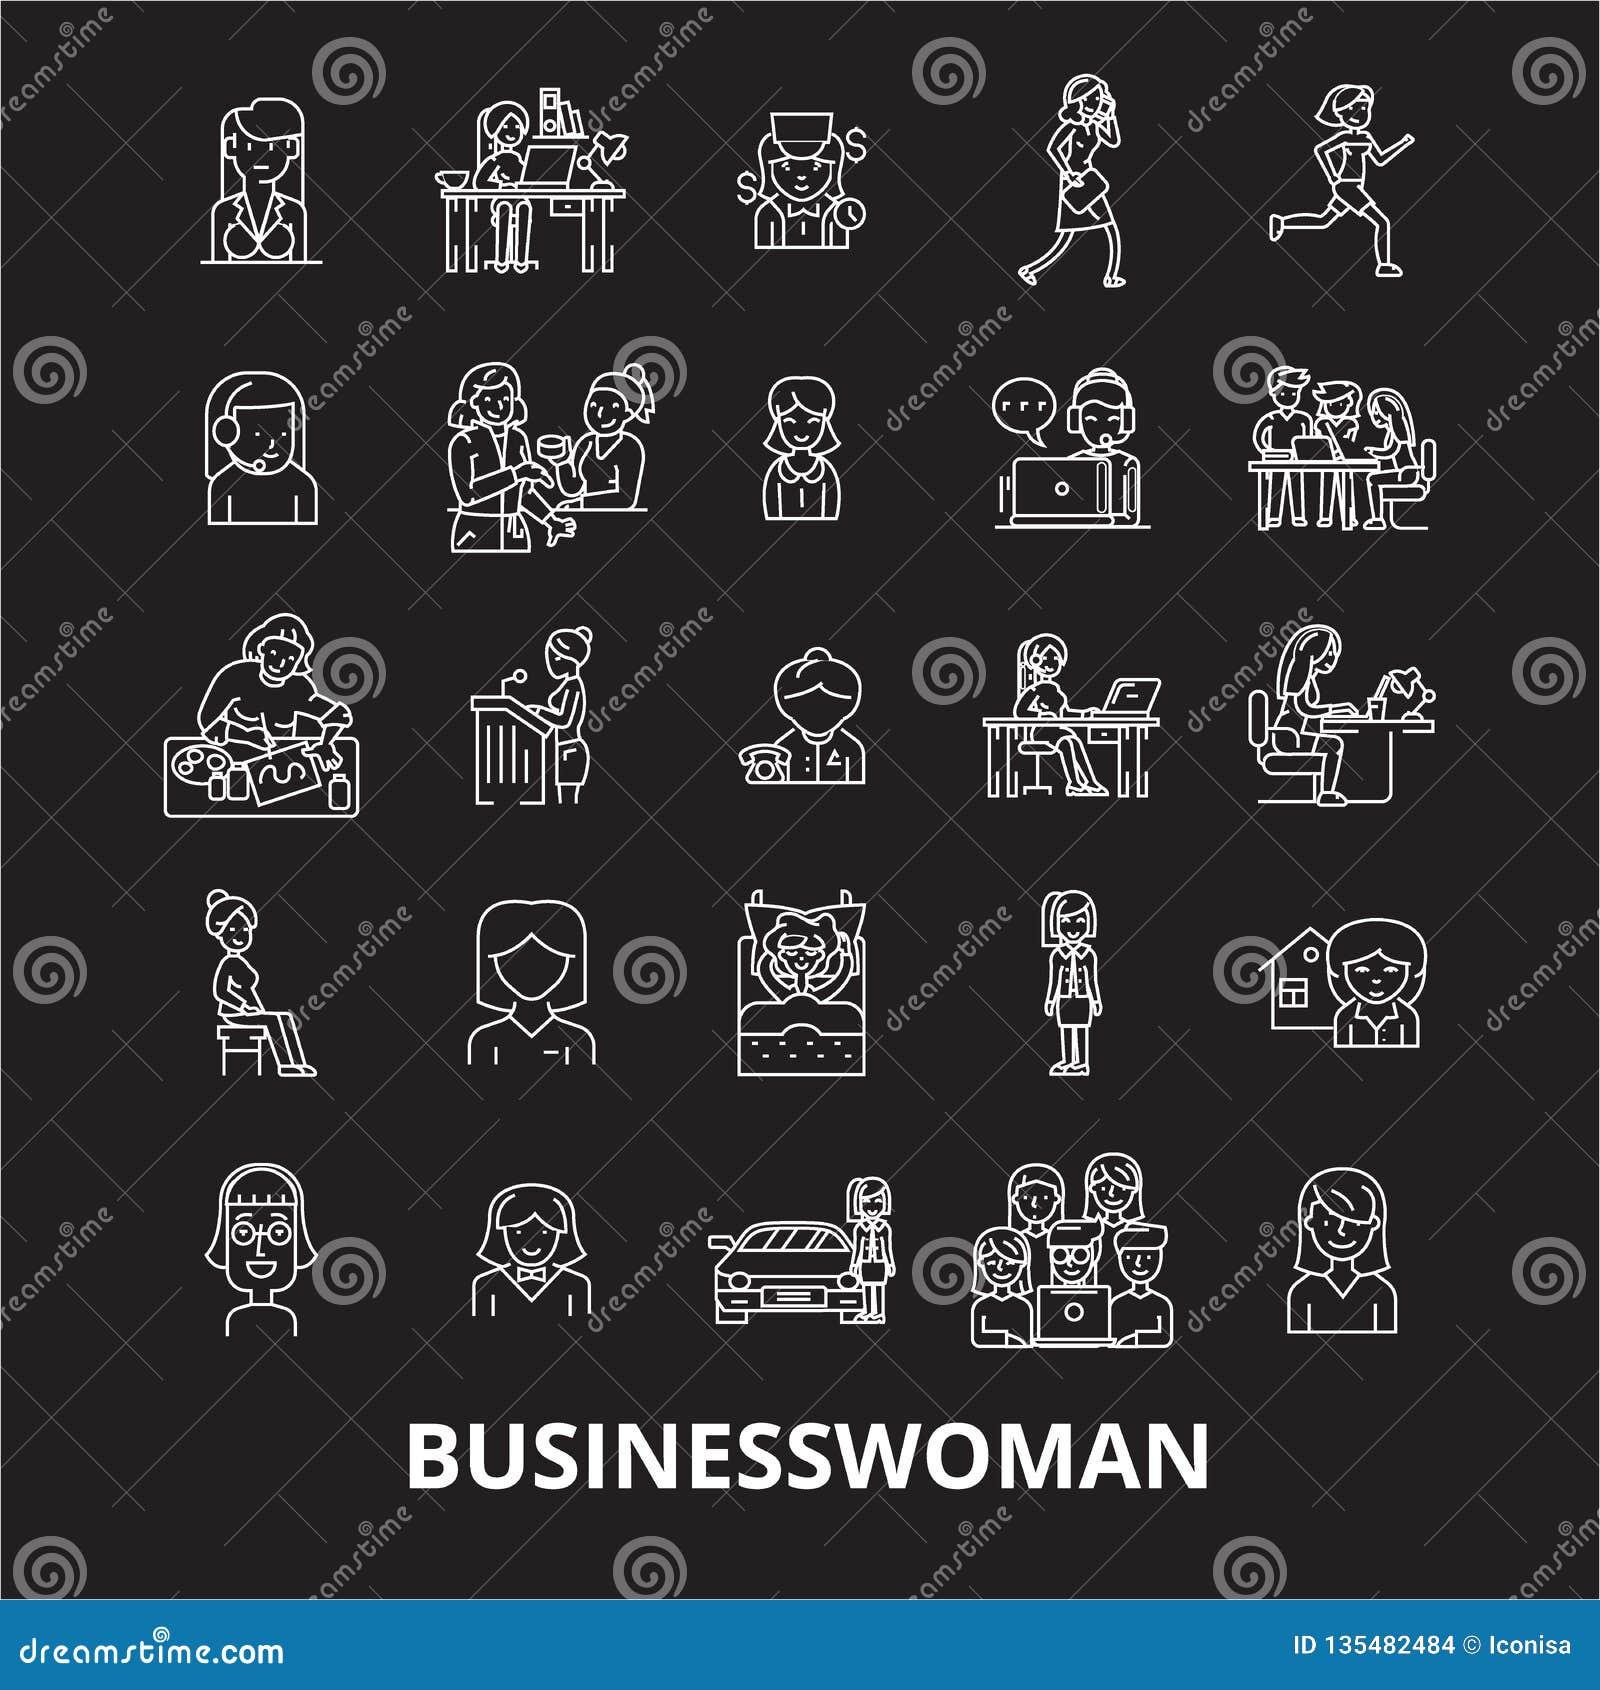 Biznesowej kobiety ikon editable kreskowy wektorowy ustawiający na czarnym tle Biznesowej kobiety konturu białe ilustracje, znaki